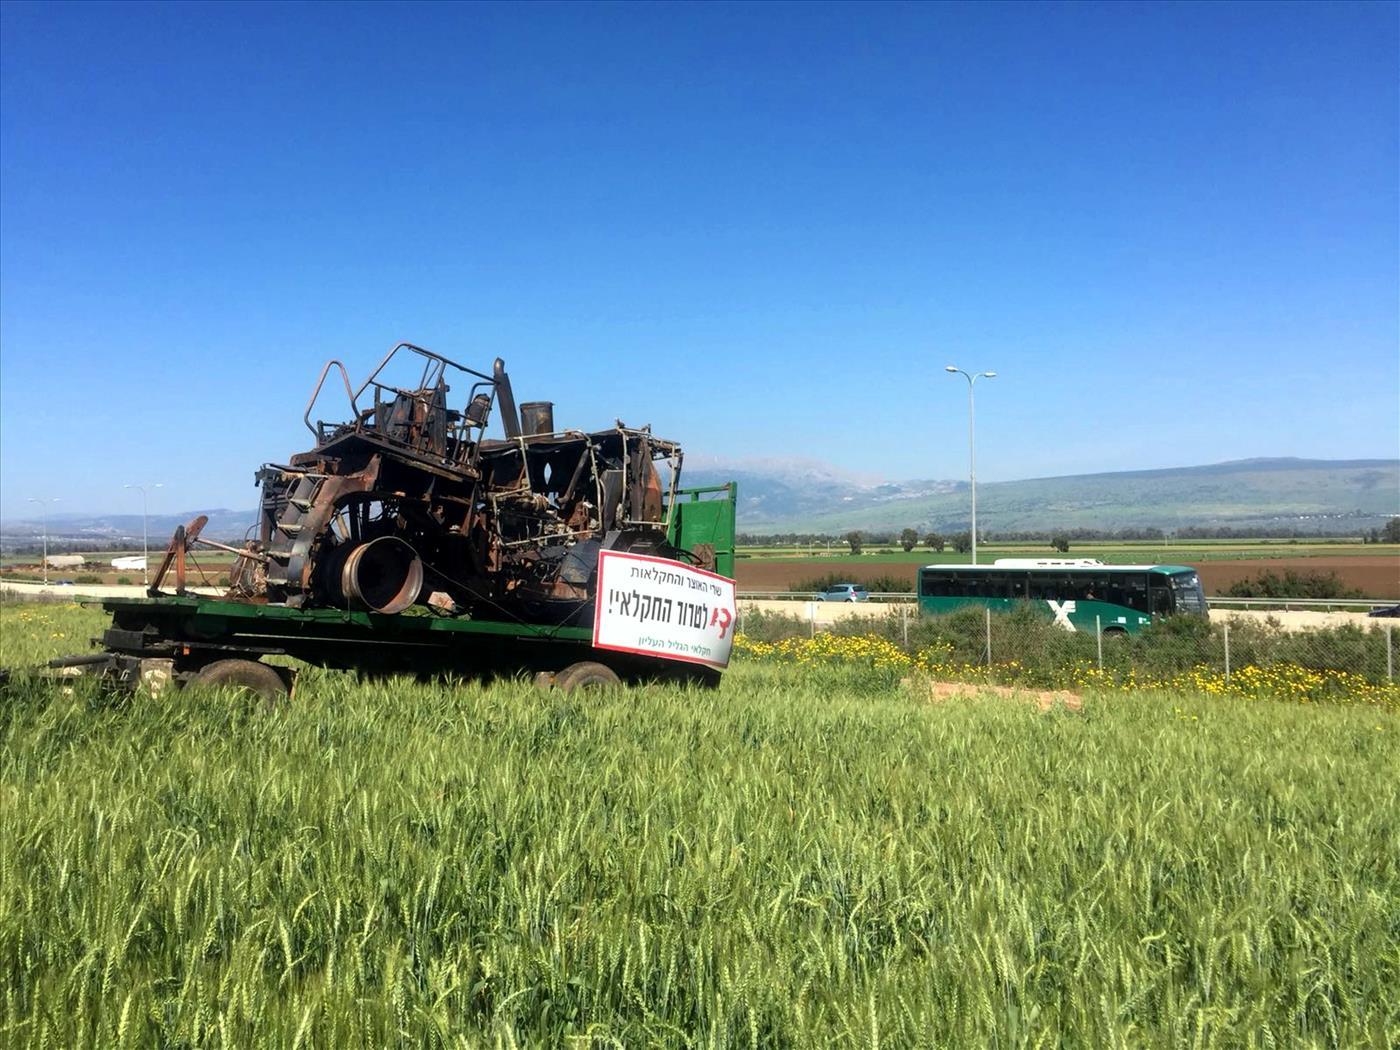 שלד של כלי חקלאי שהוצת  (החברה לפיתוח הגליל)